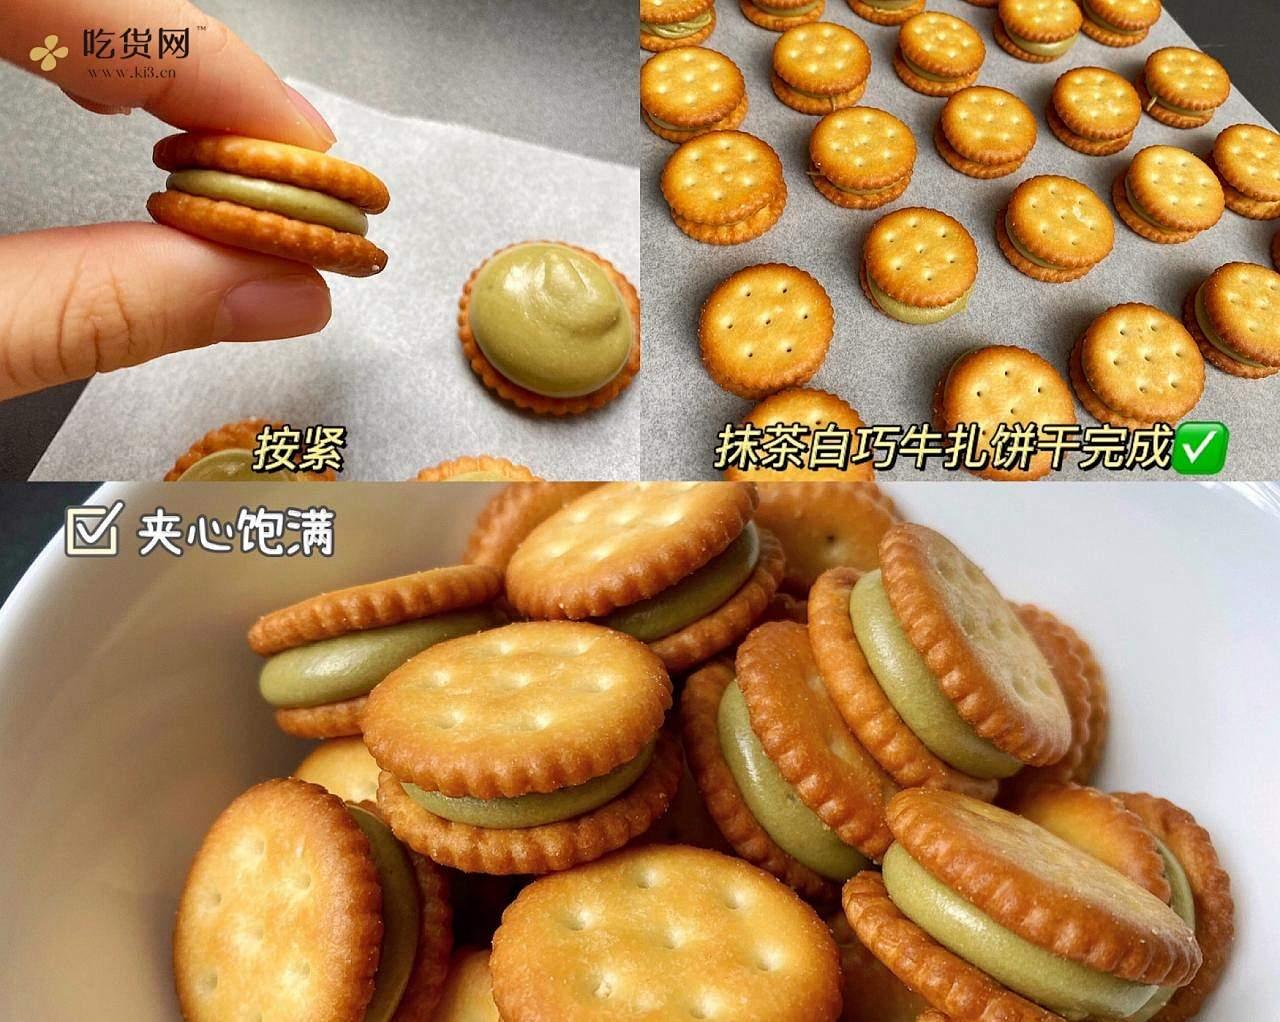 抹茶白巧牛扎饼干🍵刚做出来还能拉丝呢!的做法 步骤5